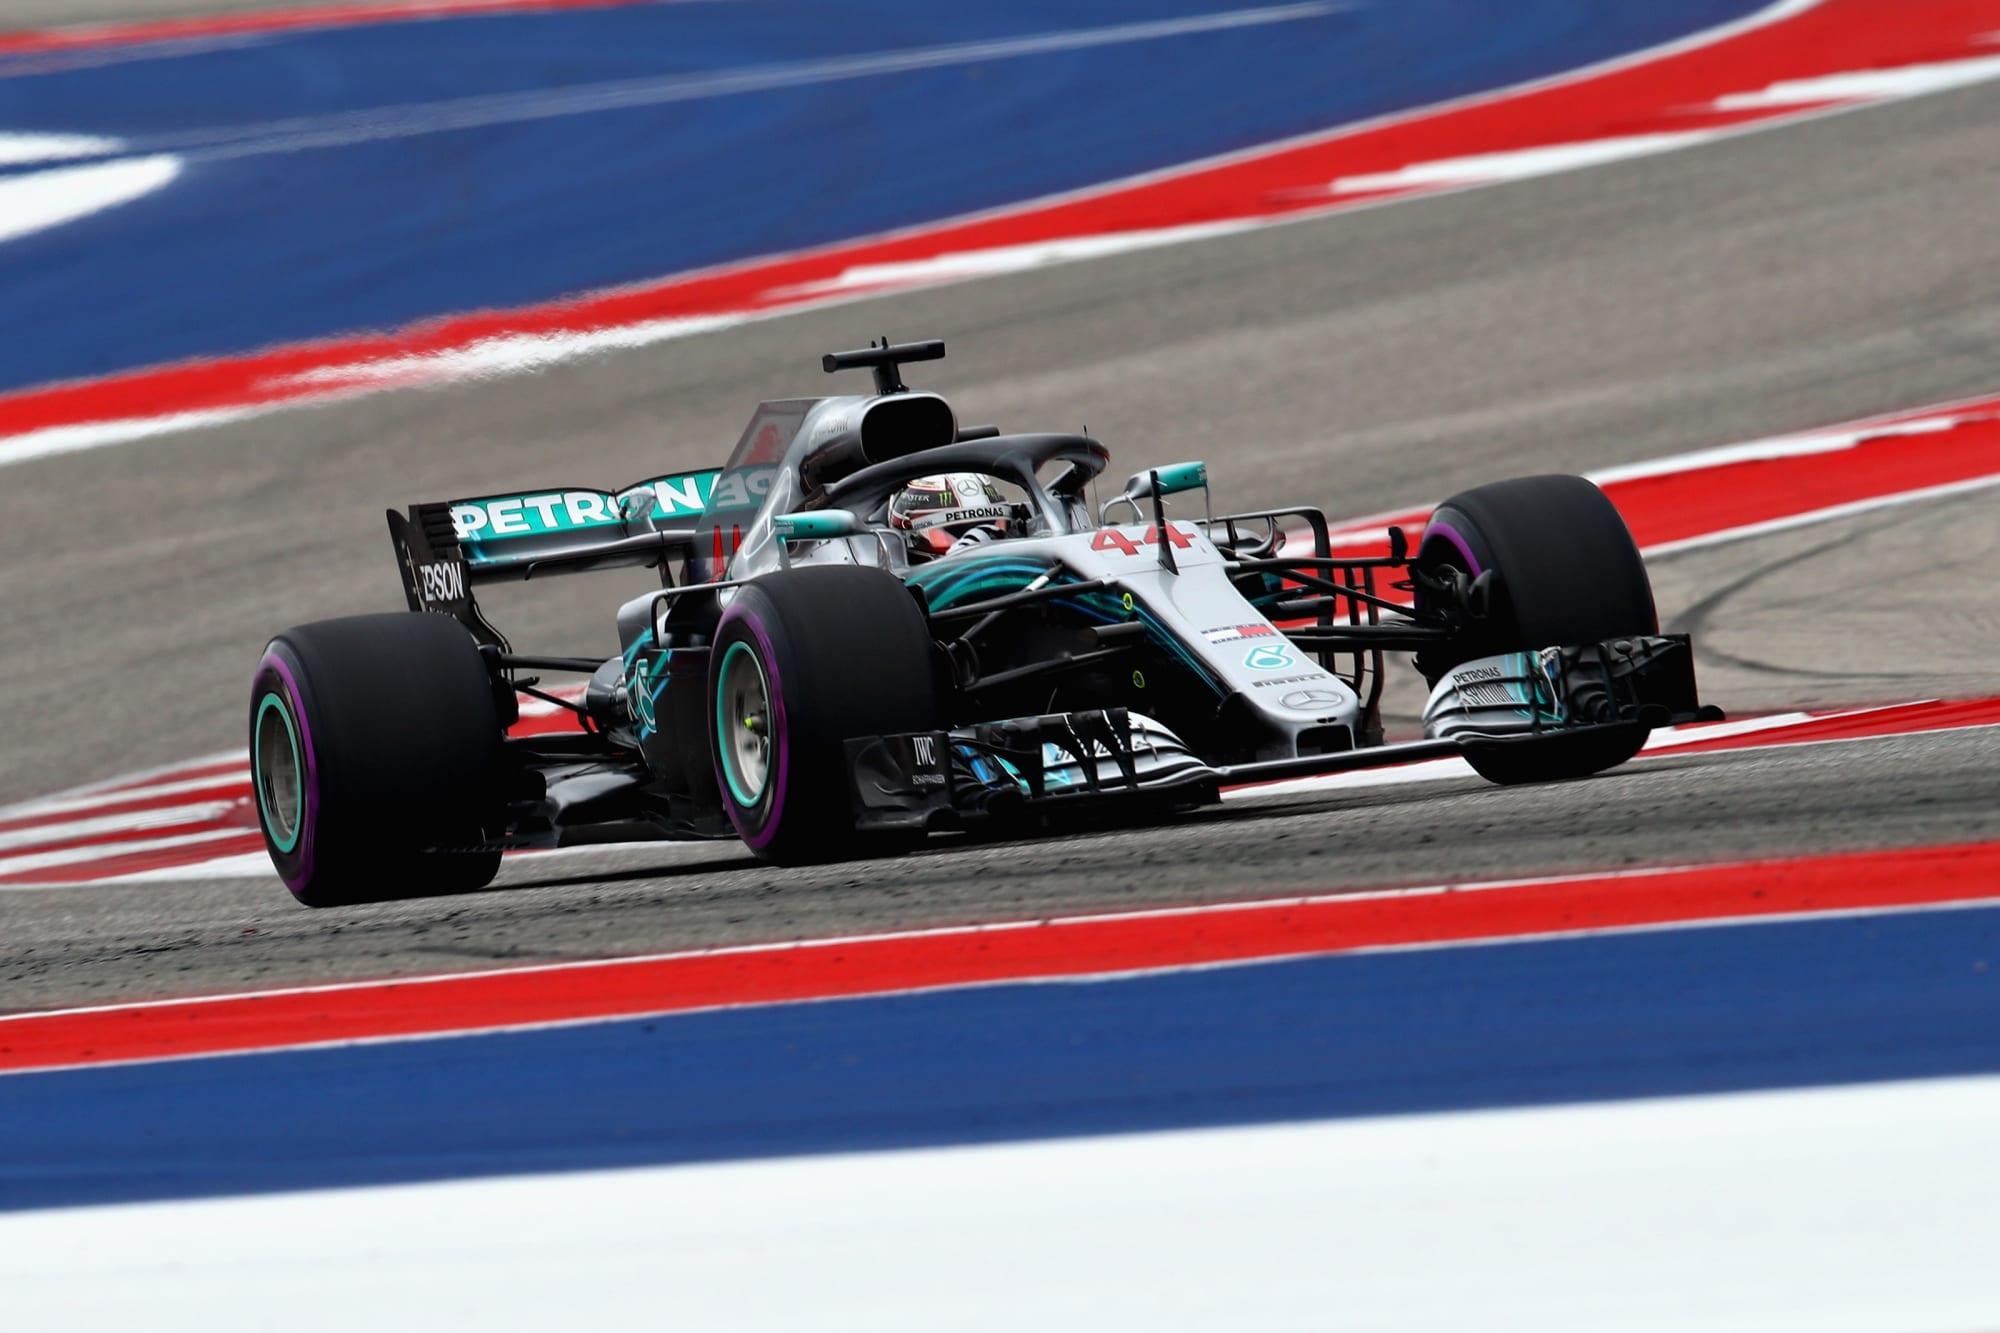 Формула 1 работи усилено за втори старт в САЩ 4